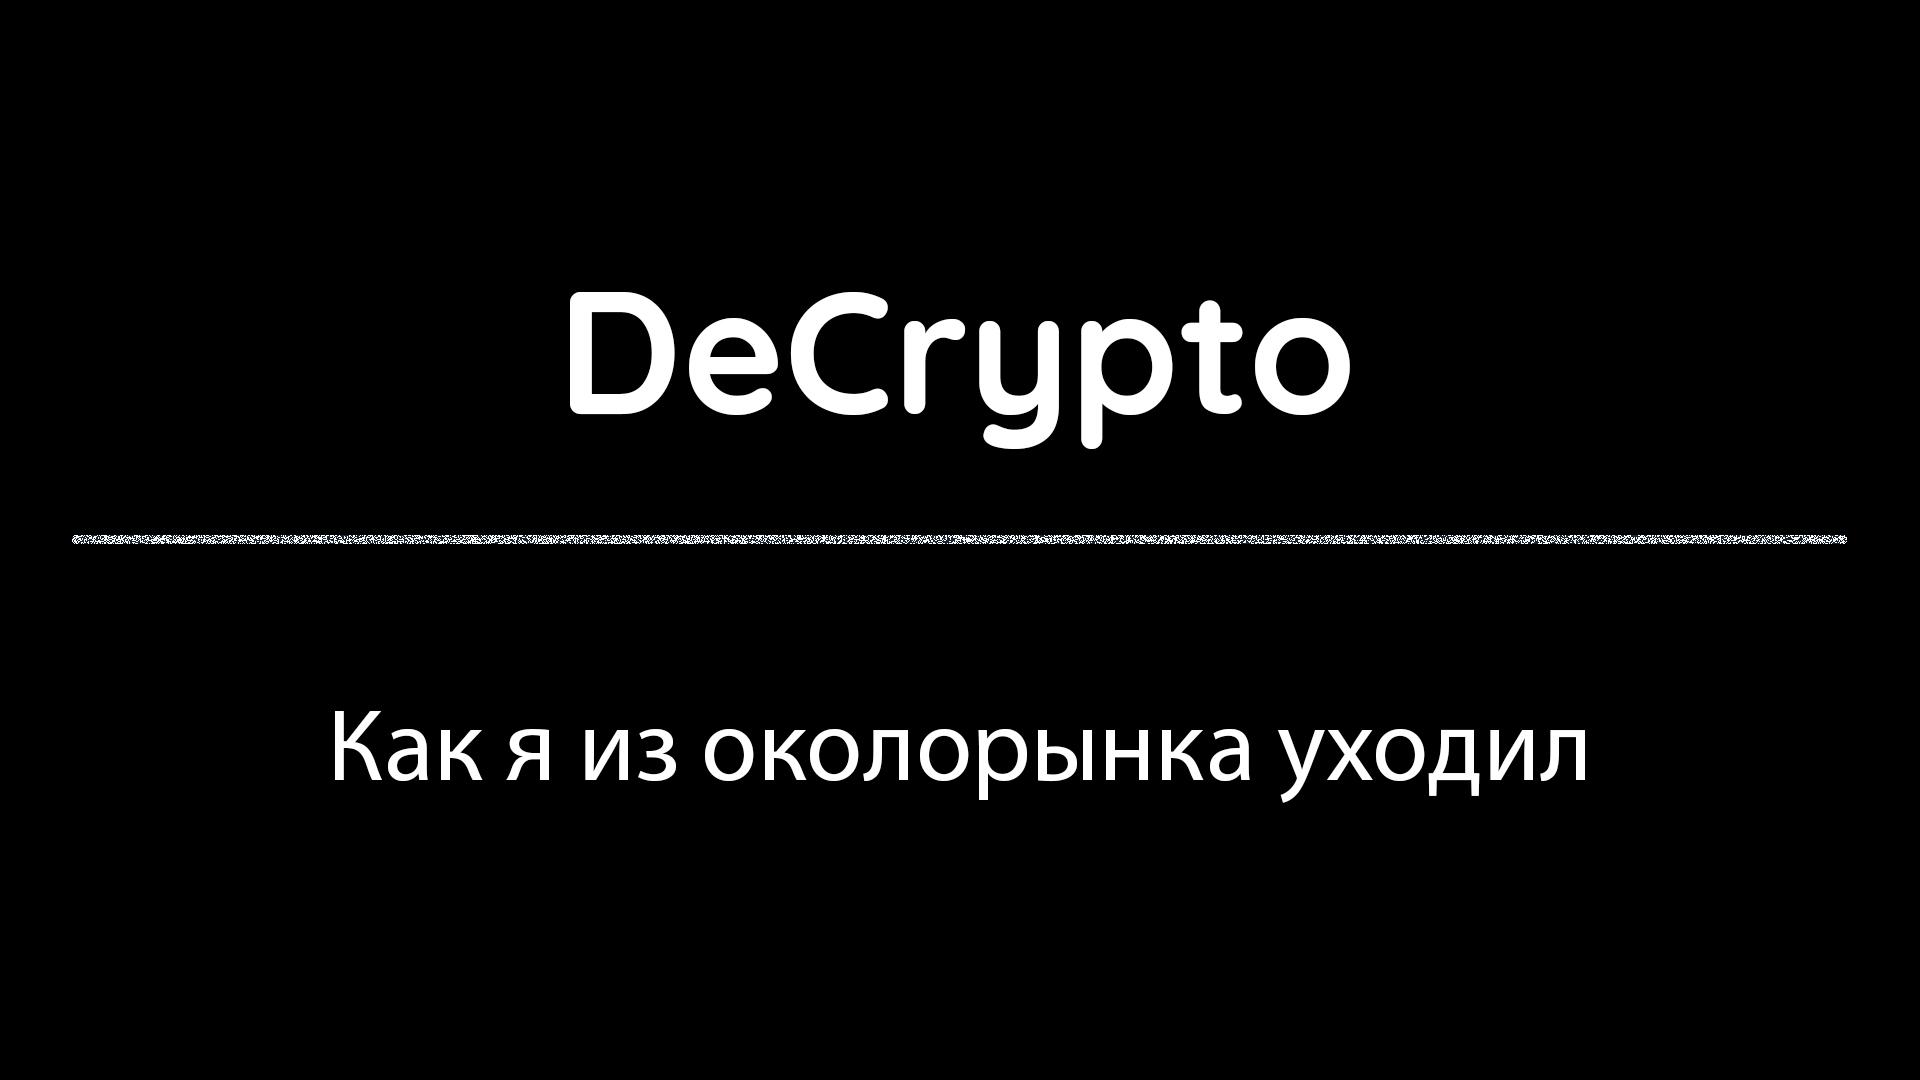 decrypto-logo-v2.2.jpg